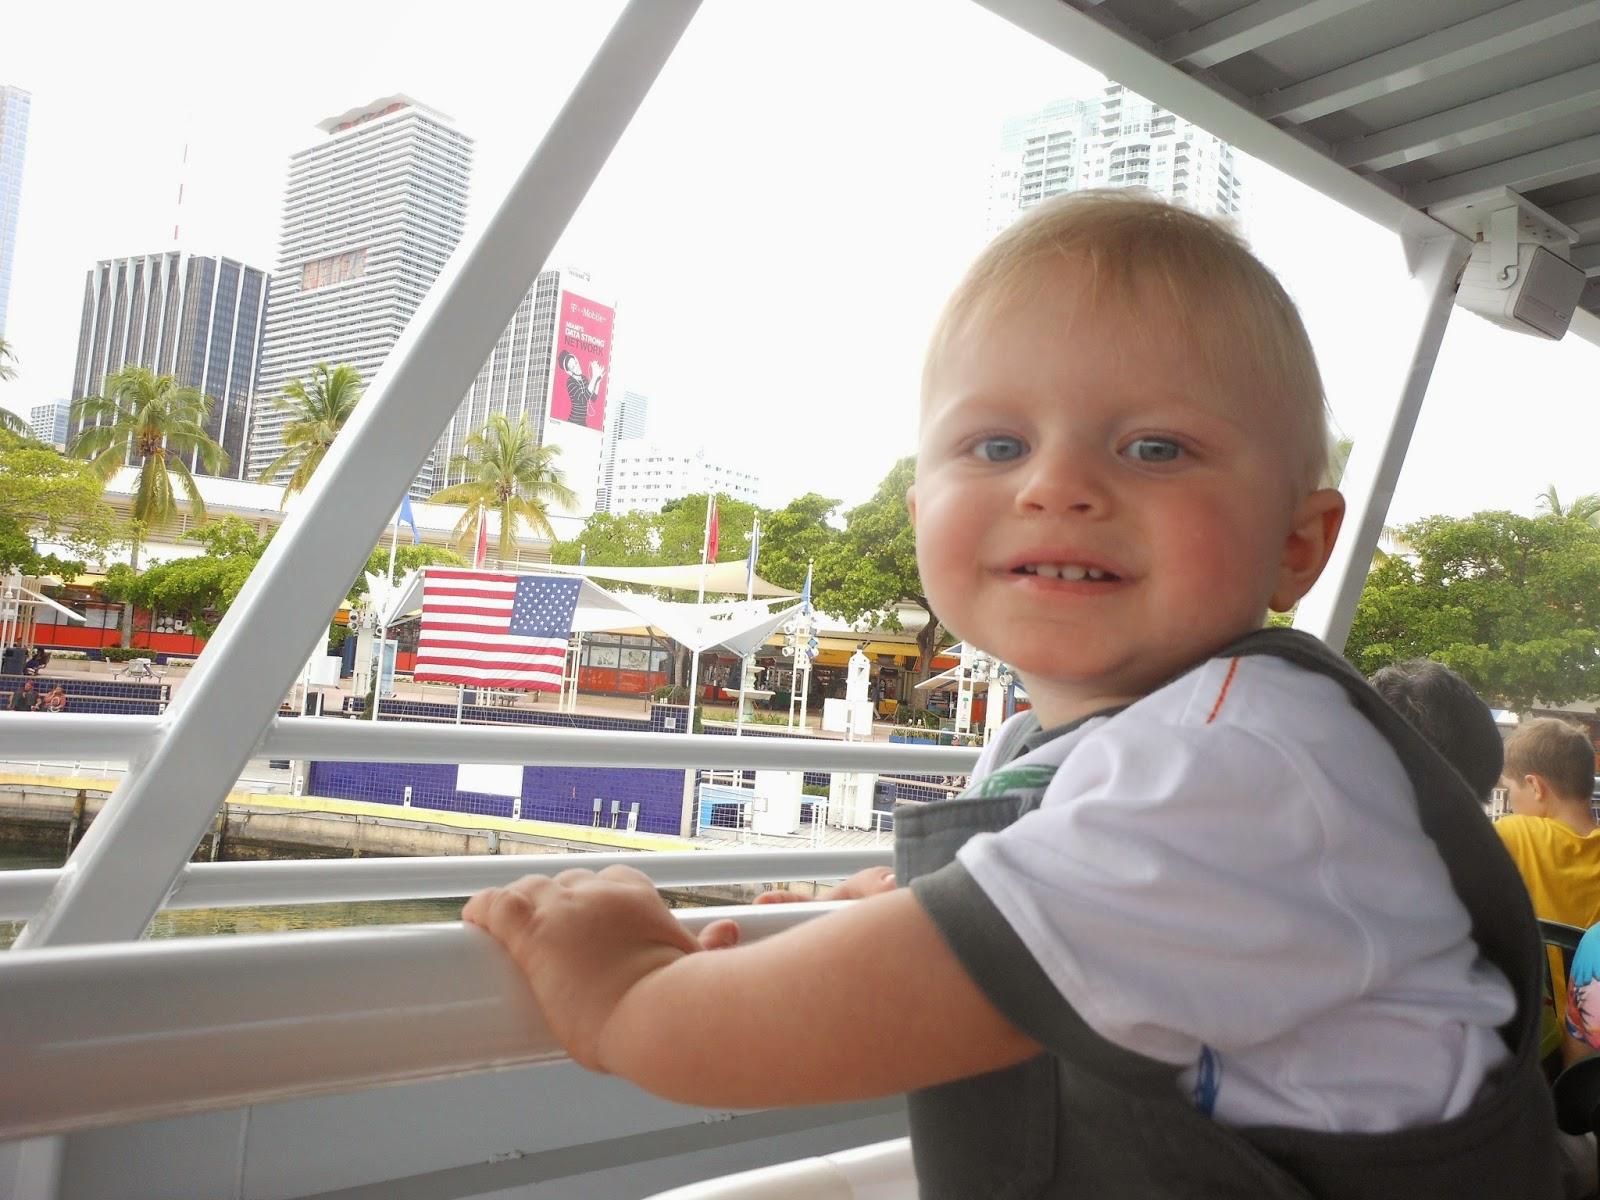 viajando com bebê  de avião